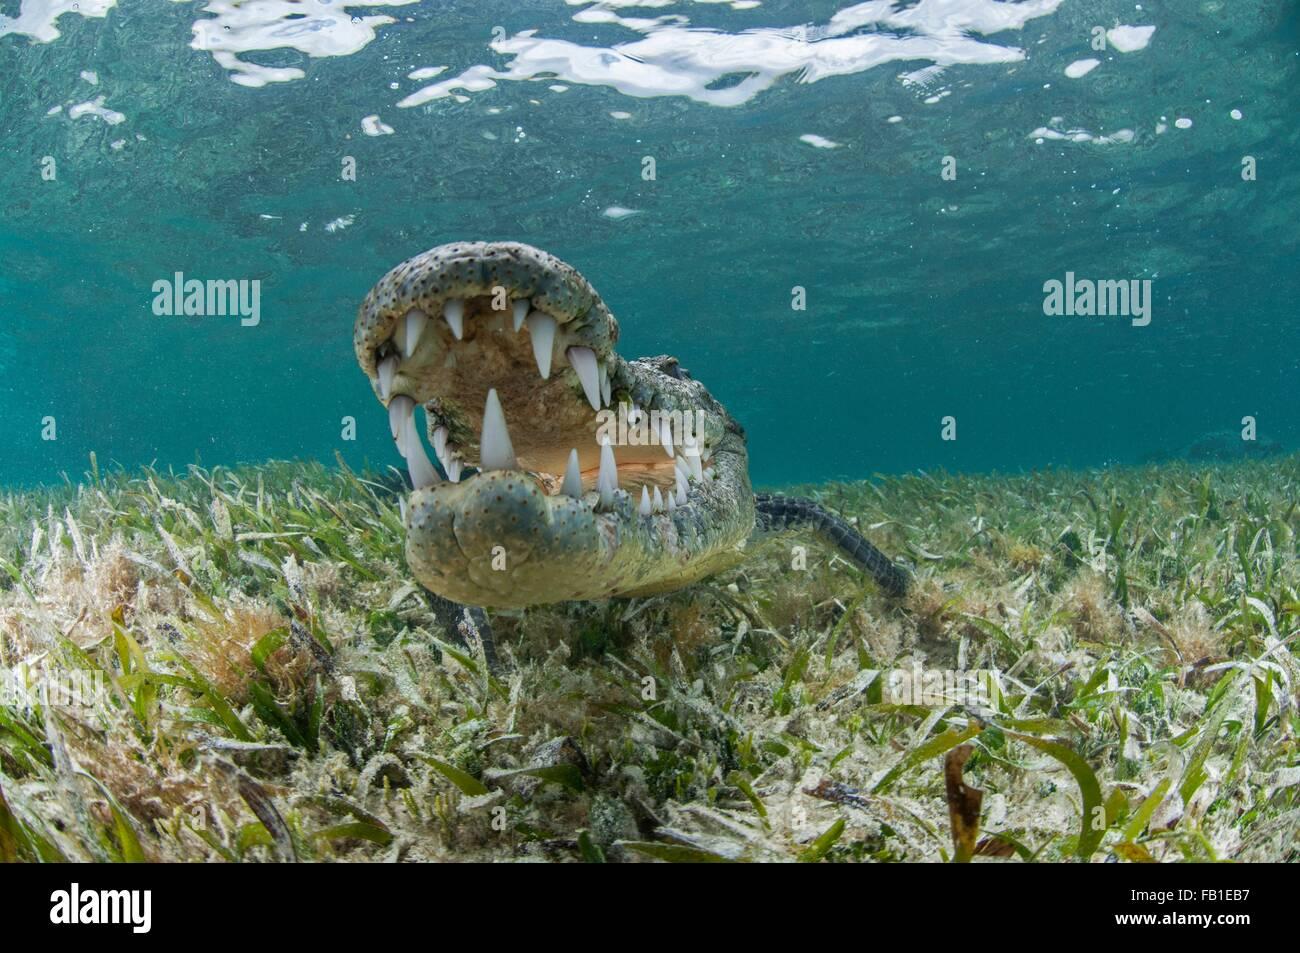 Vue avant du sous-marin crocodile sur les herbiers, bouche ouverte montrant les dents, l'Atoll de Chinchorro, Photo Stock